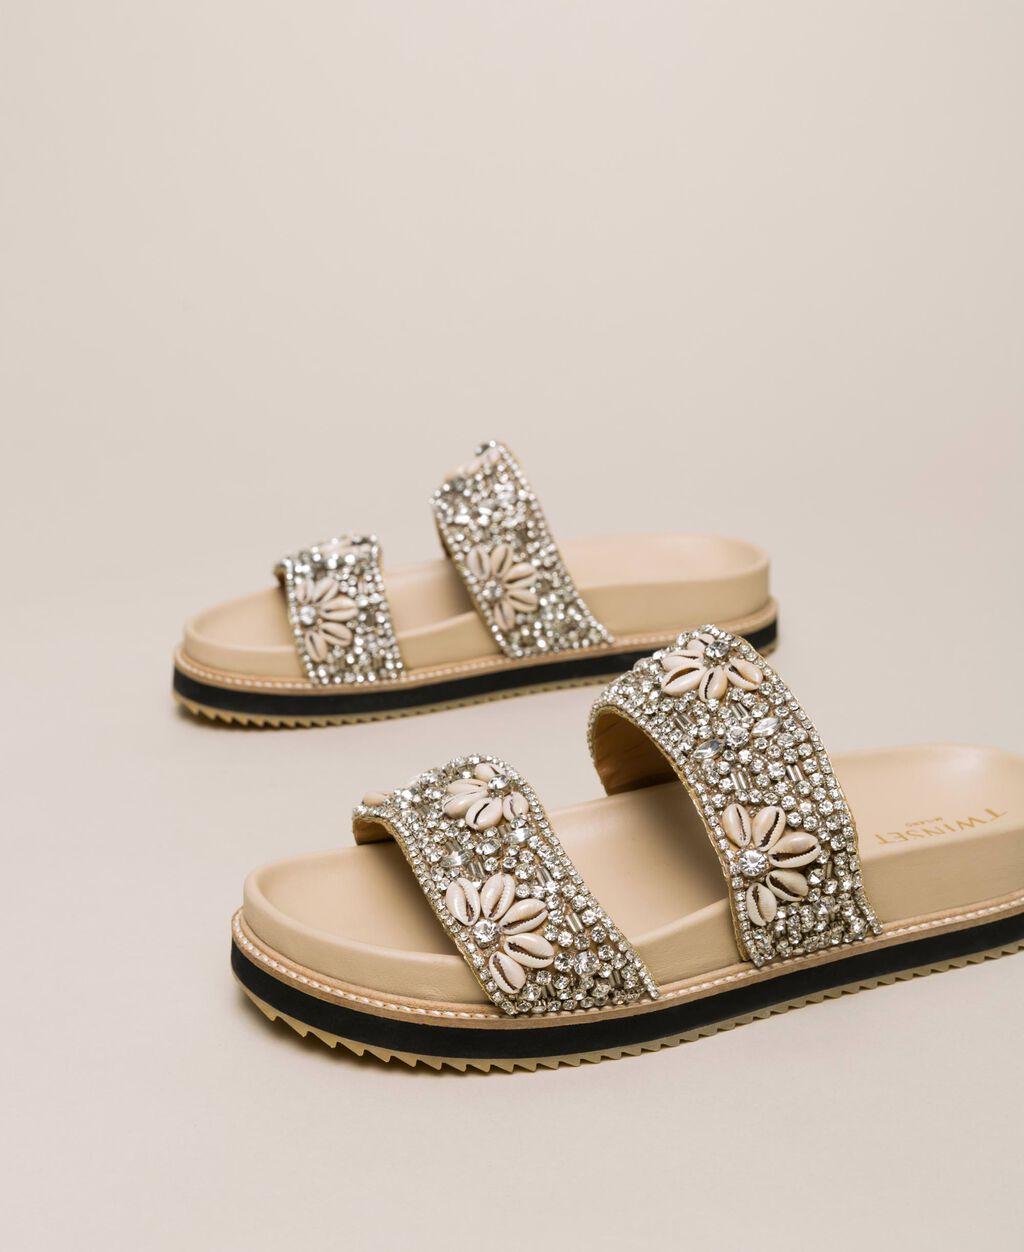 Sandale aus Leder mit Stickerei